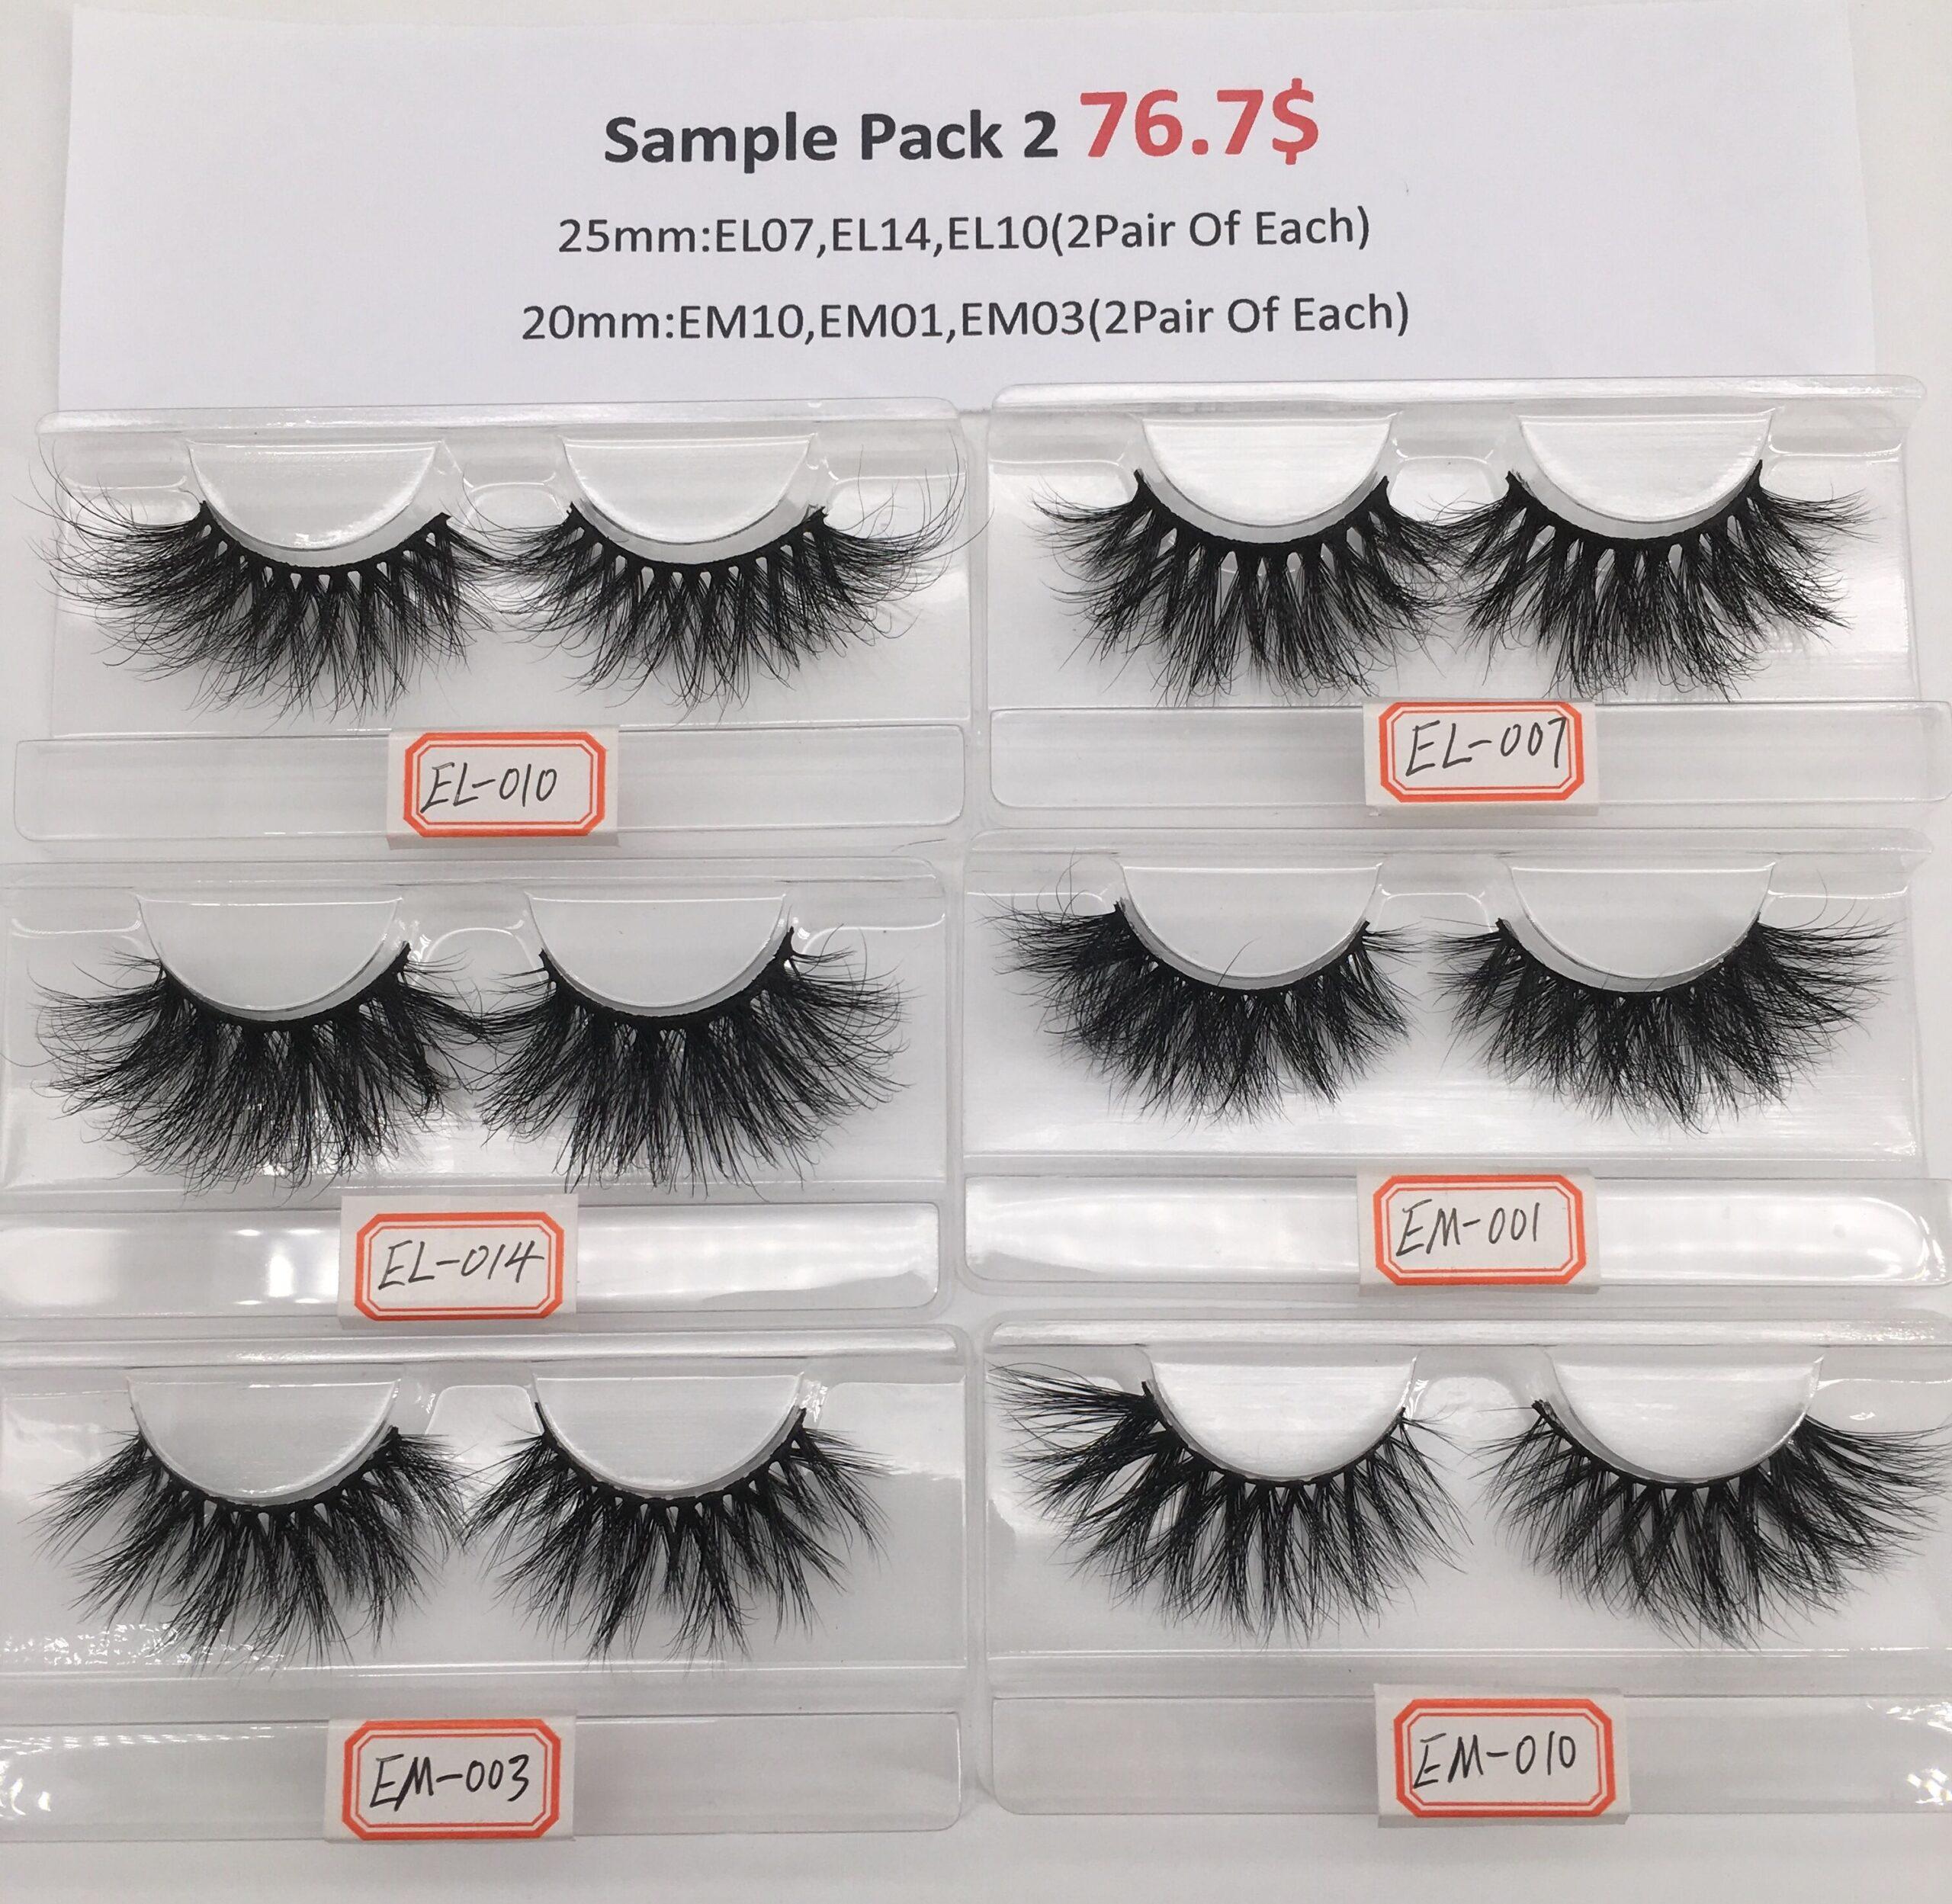 eyelash sample pack 2